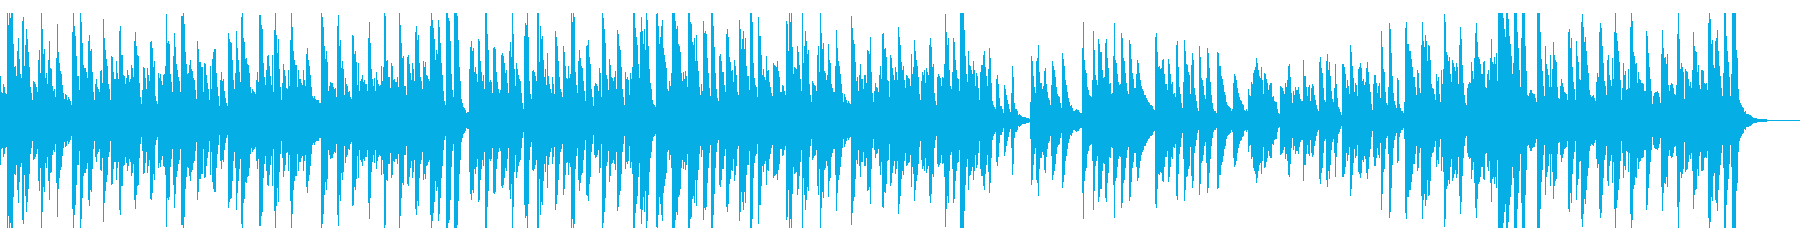 ソロのジャジーなピアノ曲。のんきで...の再生済みの波形